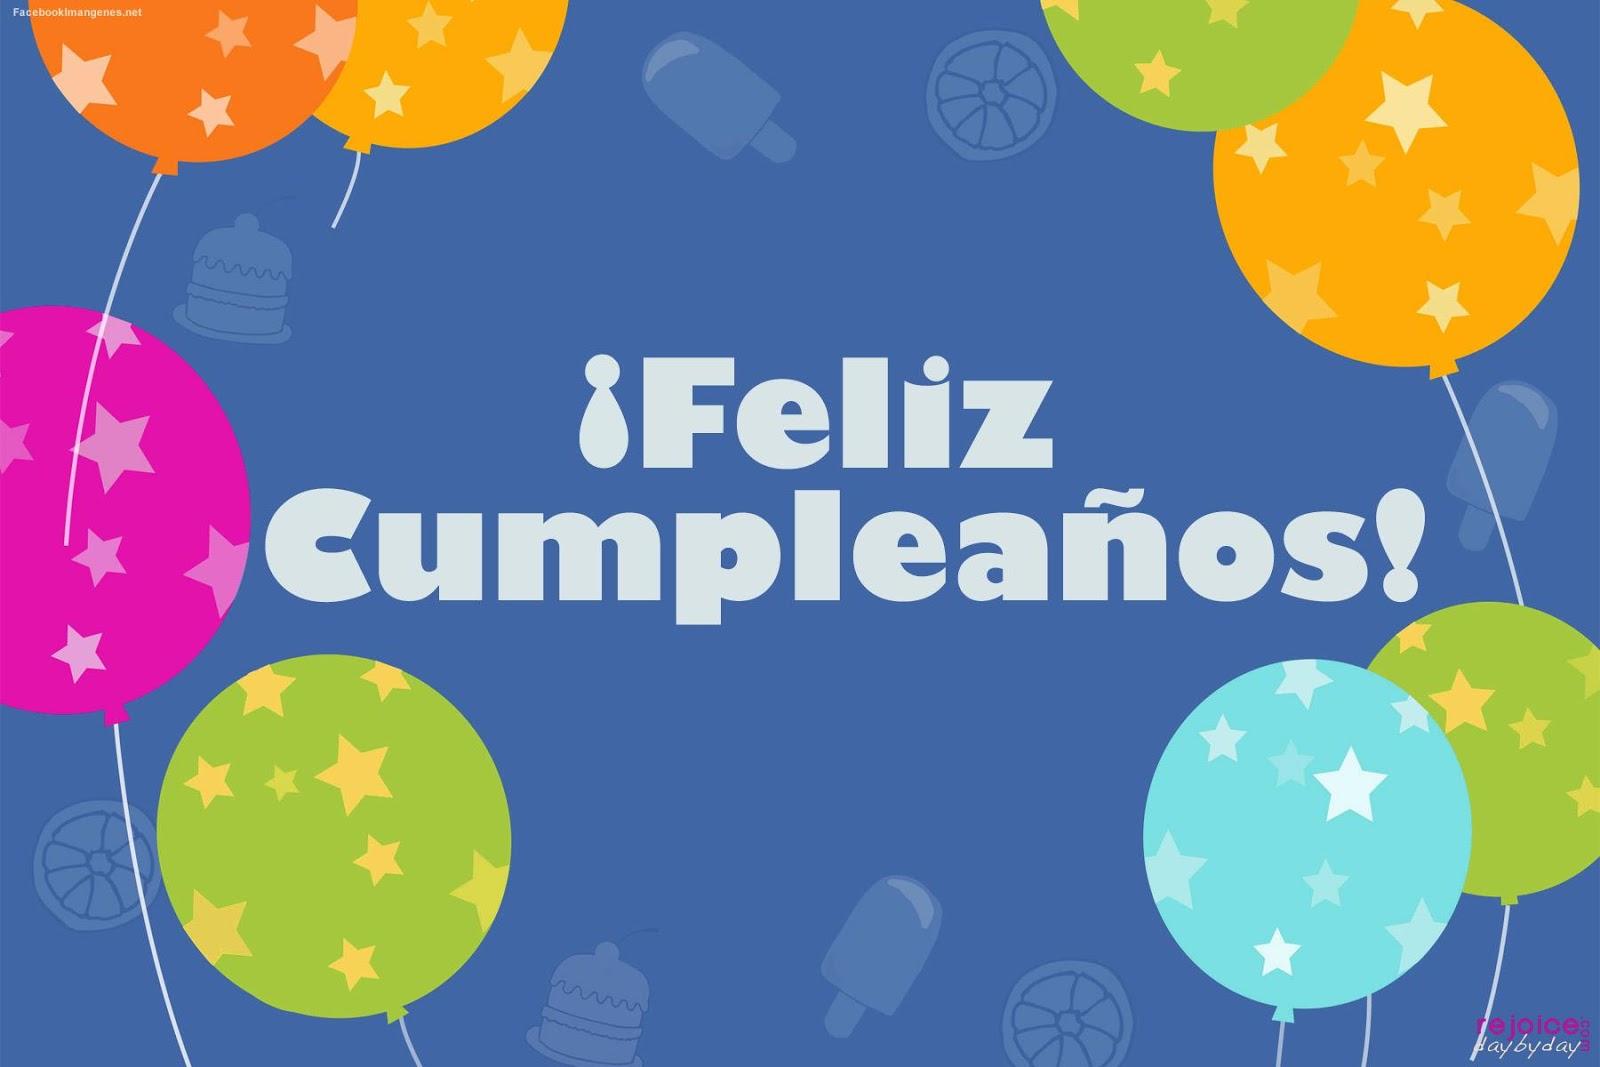 Felicitaciones de cumpleaños a un jefe